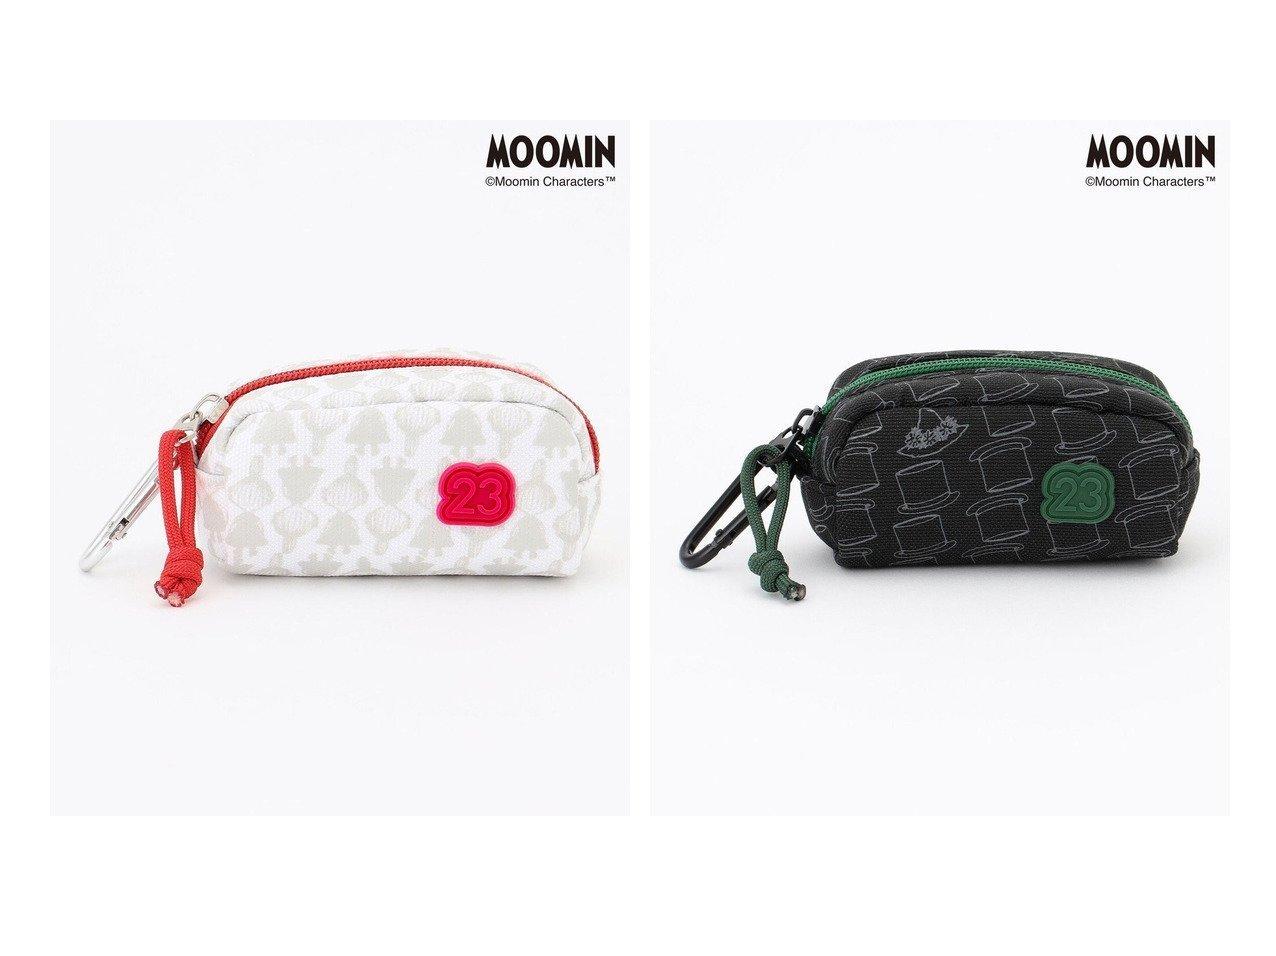 【NIJYUSANKU GOLF/23区 ゴルフ】の【MOOMIN】【UNISEX】ムーミンコラボ ボールポーチ おすすめ!人気、トレンド・レディースファッションの通販 おすすめで人気の流行・トレンド、ファッションの通販商品 インテリア・家具・メンズファッション・キッズファッション・レディースファッション・服の通販 founy(ファニー) https://founy.com/ ファッション Fashion レディースファッション WOMEN ポーチ Pouches スポーツウェア Sportswear スポーツ バッグ/ポーチ Bag スポーツグッズ Sporting Goods 送料無料 Free Shipping UNISEX シリコン スポーツ フォルム ポーチ  ID:crp329100000071049